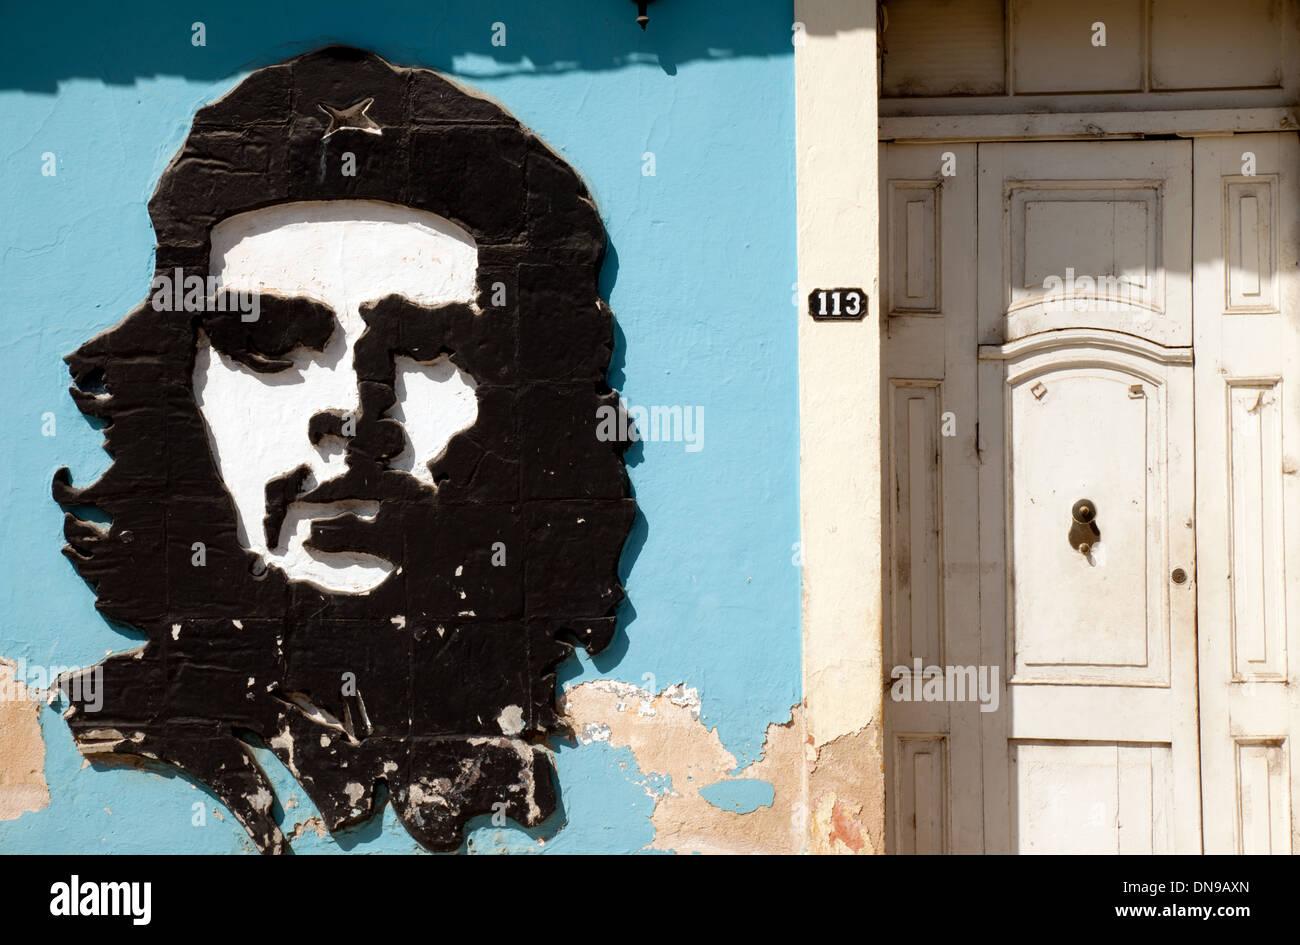 Eine Wand Bild der Revolutionär Che Guevara an der Wand in Trinidad, Kuba, Karibik Stockbild